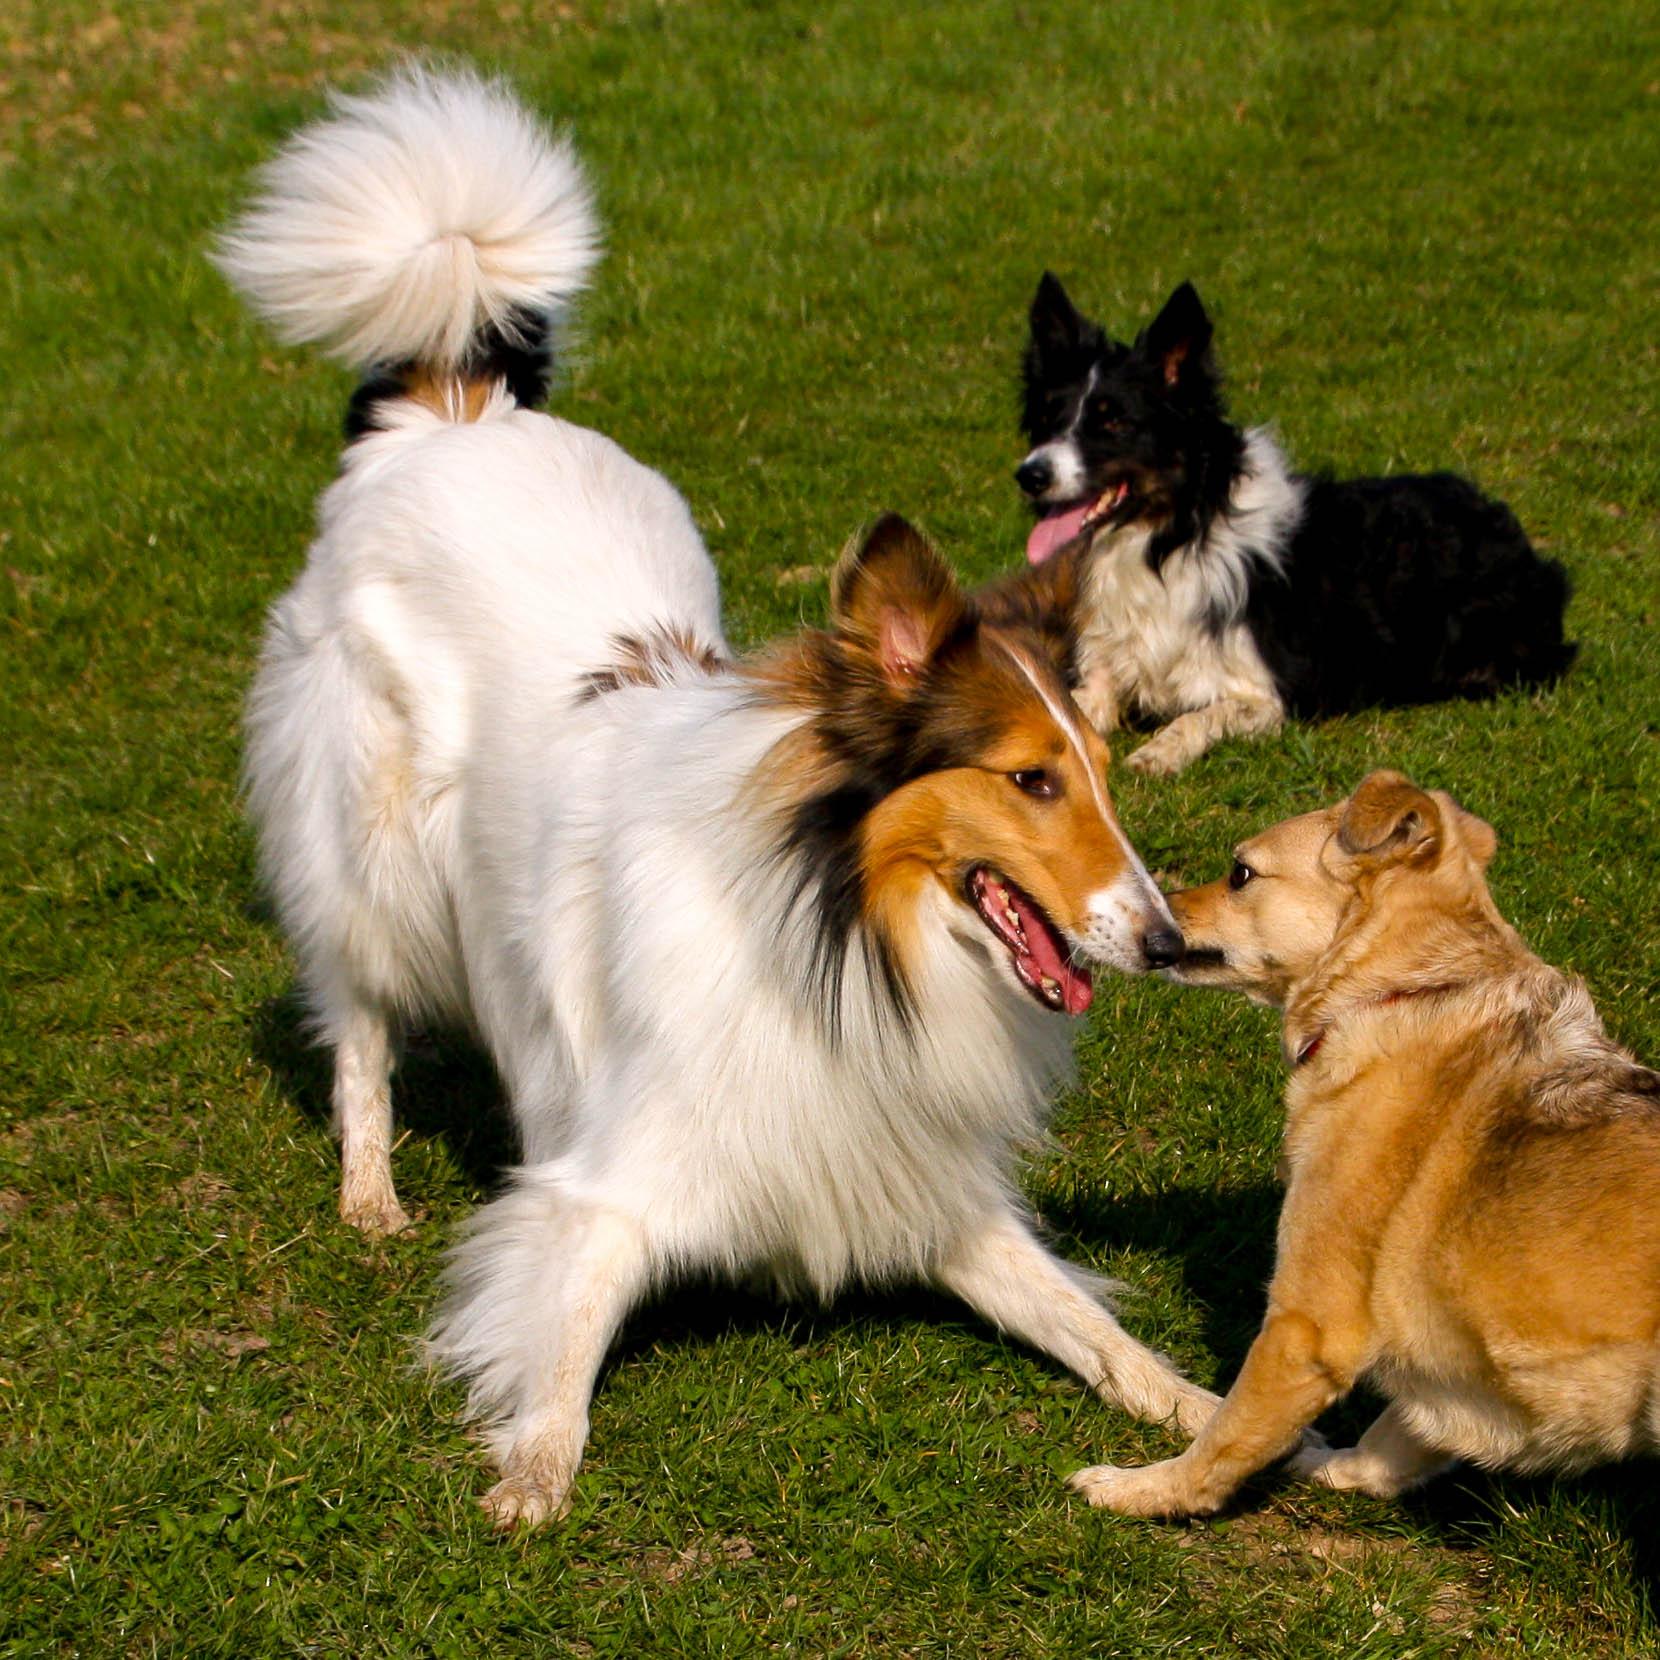 Hund signalisiert Körpersprache Spielaufforderung